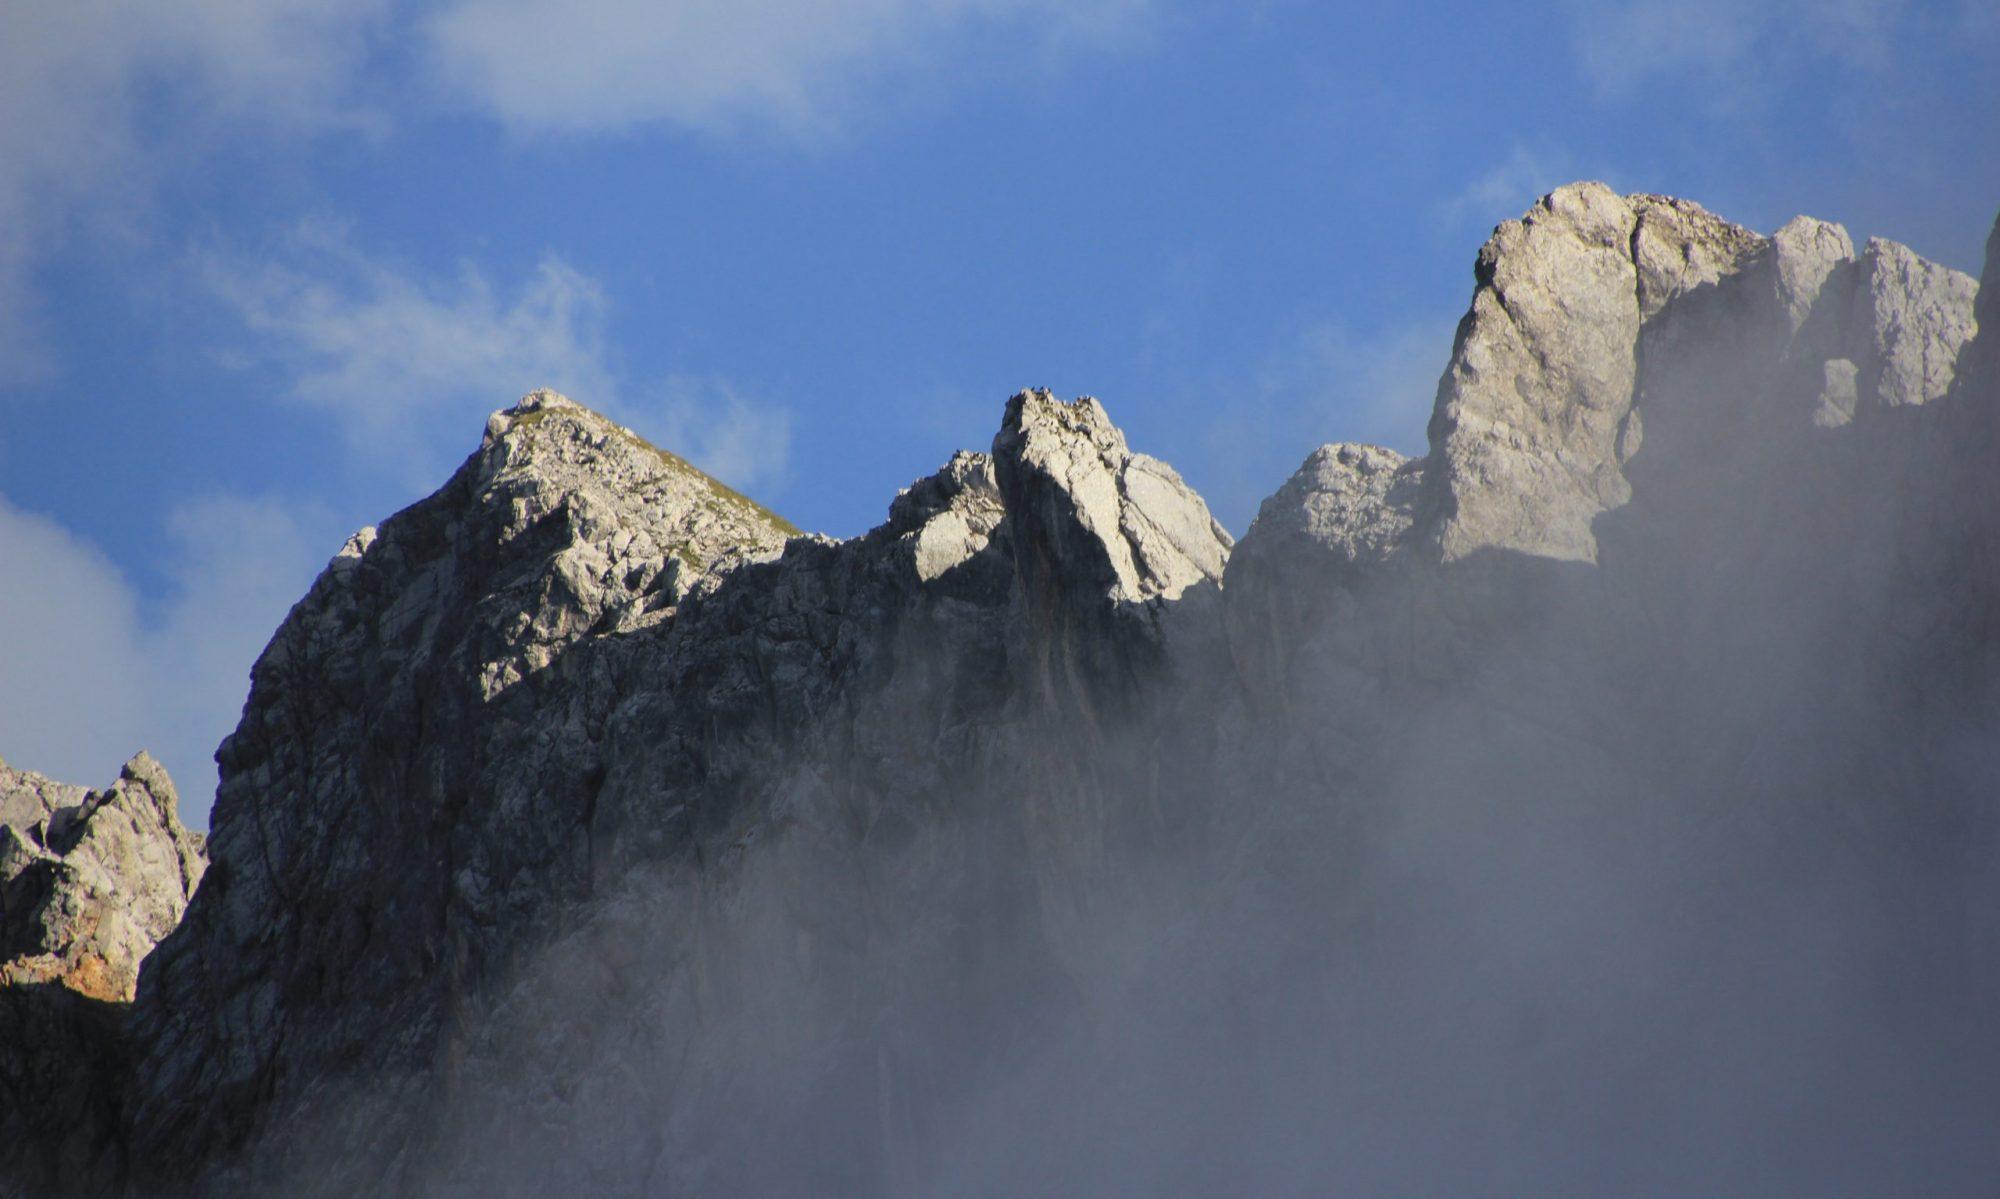 Club Mountains